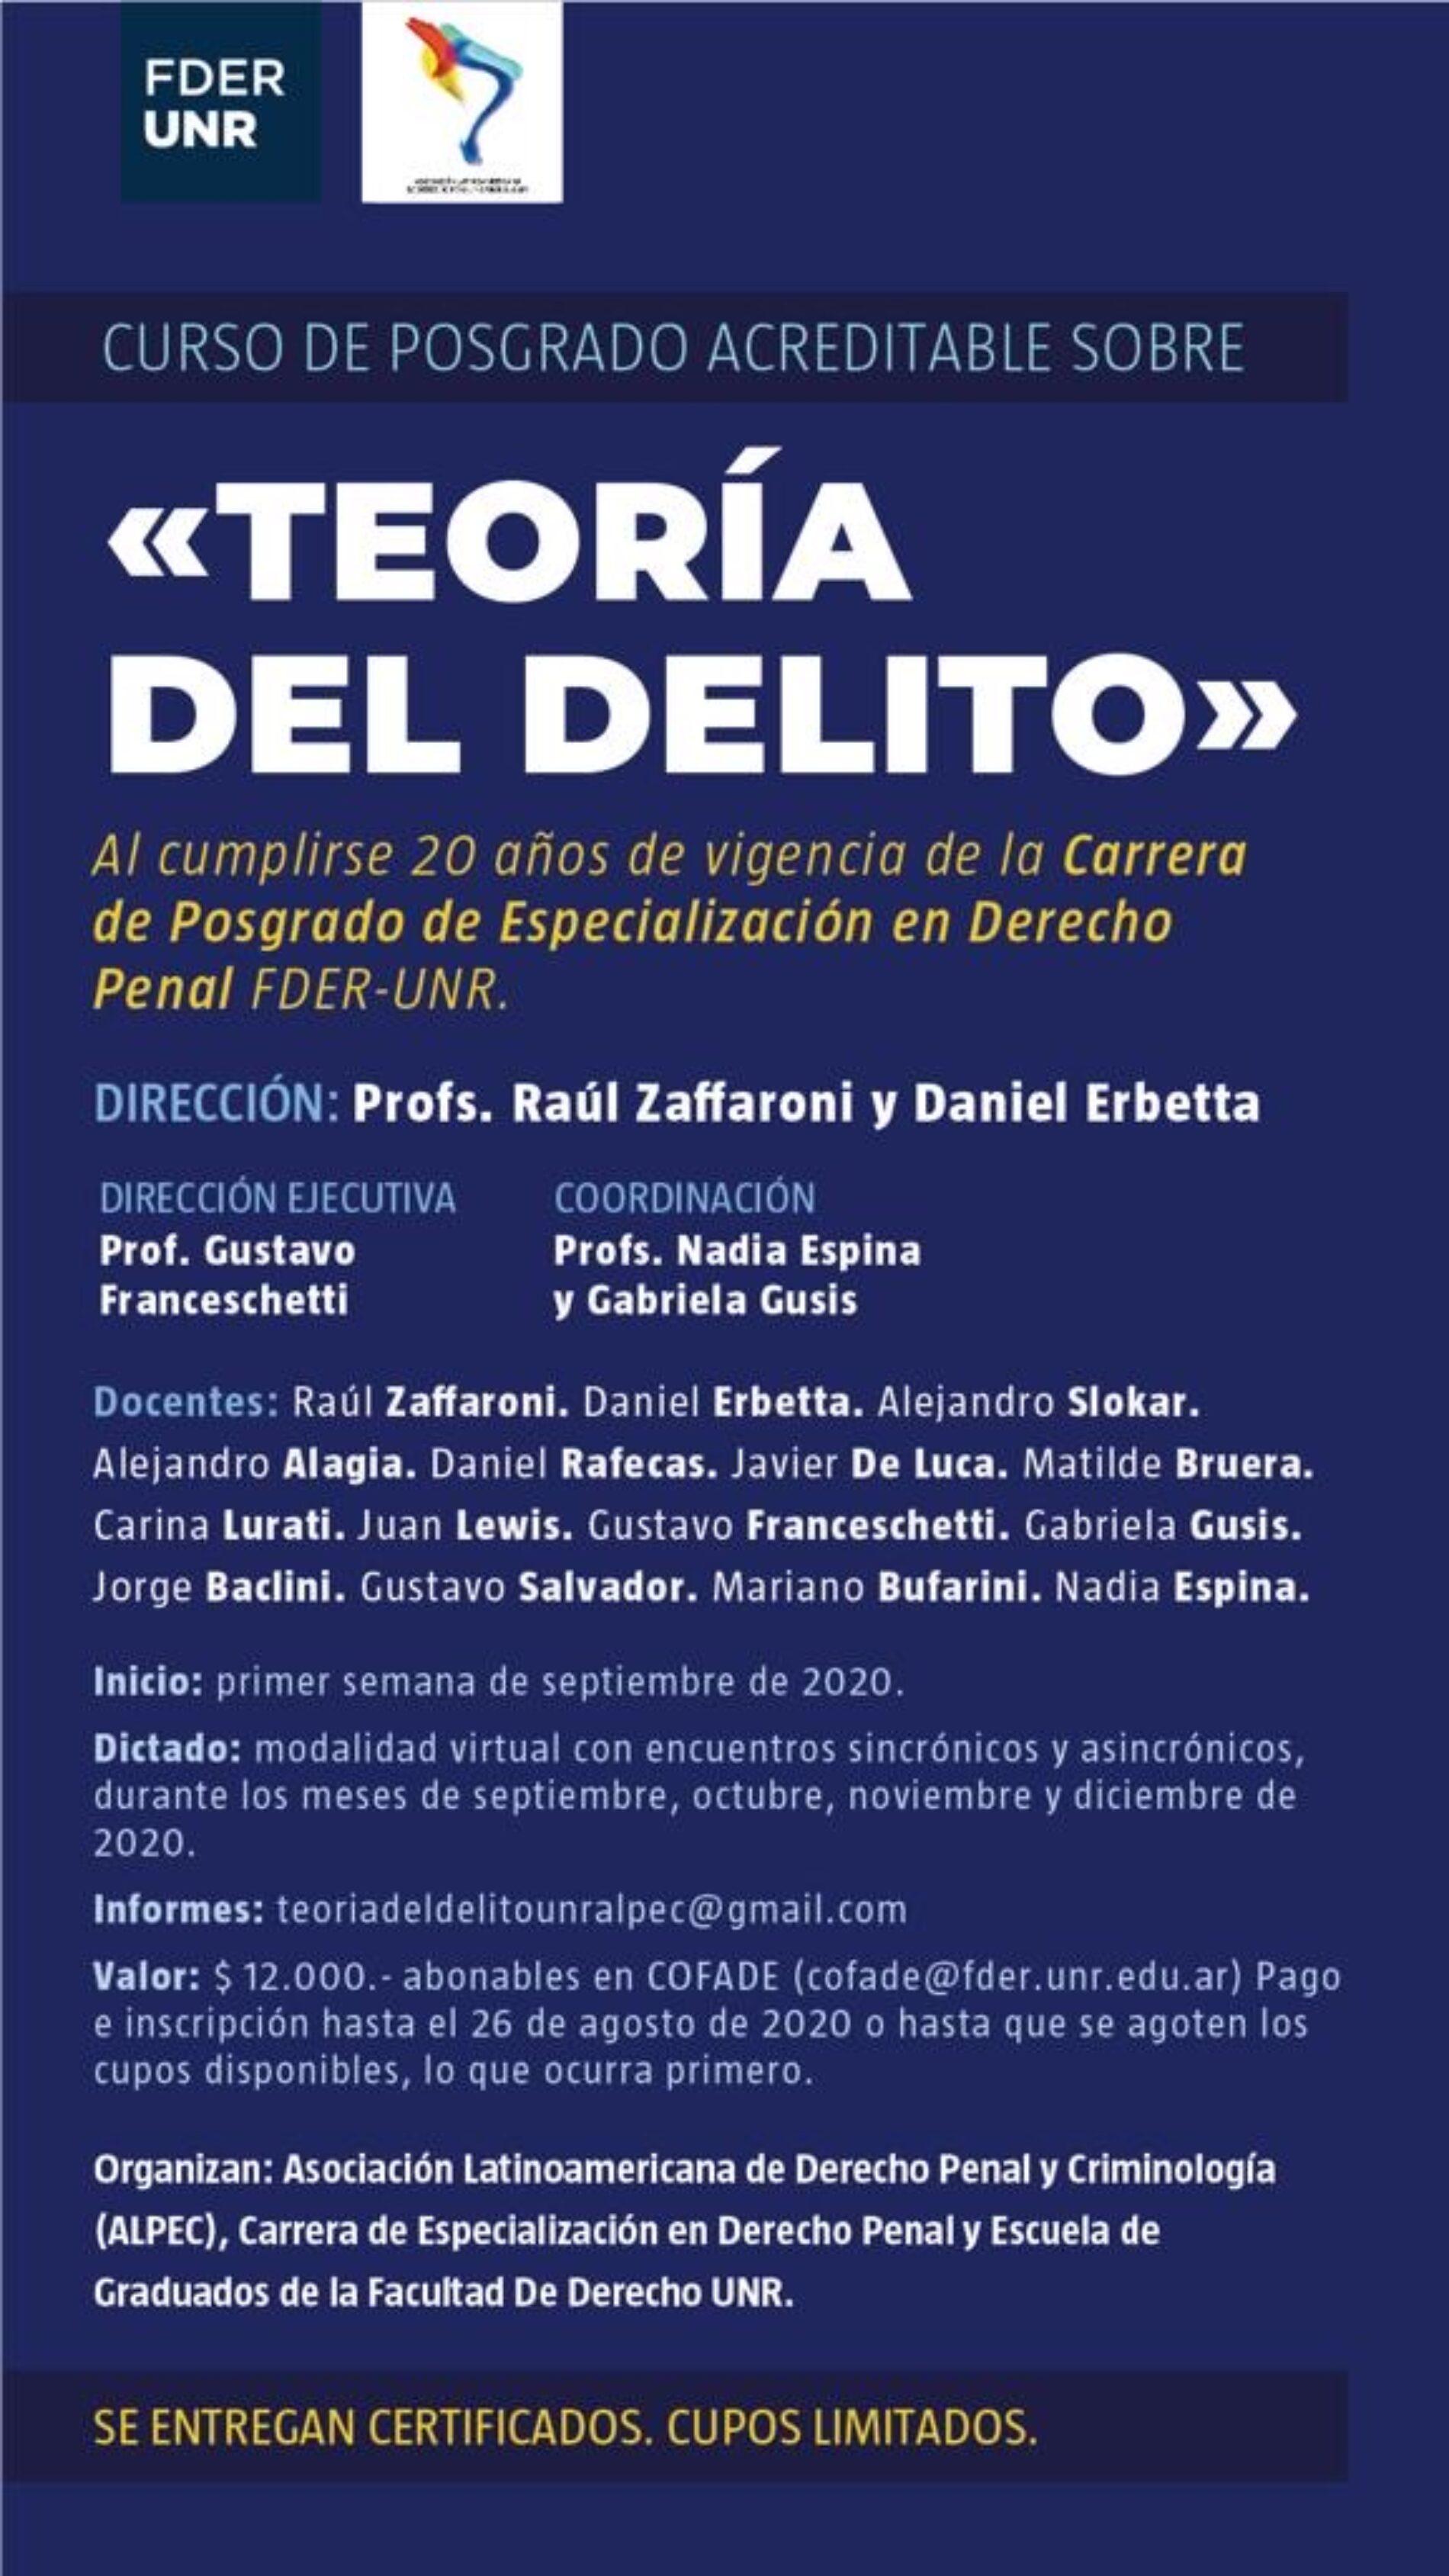 """Curso de posgrado sobre """"Teoría del delito"""". Carrera Especialización en Derecho Penal UNR y ALPEC."""